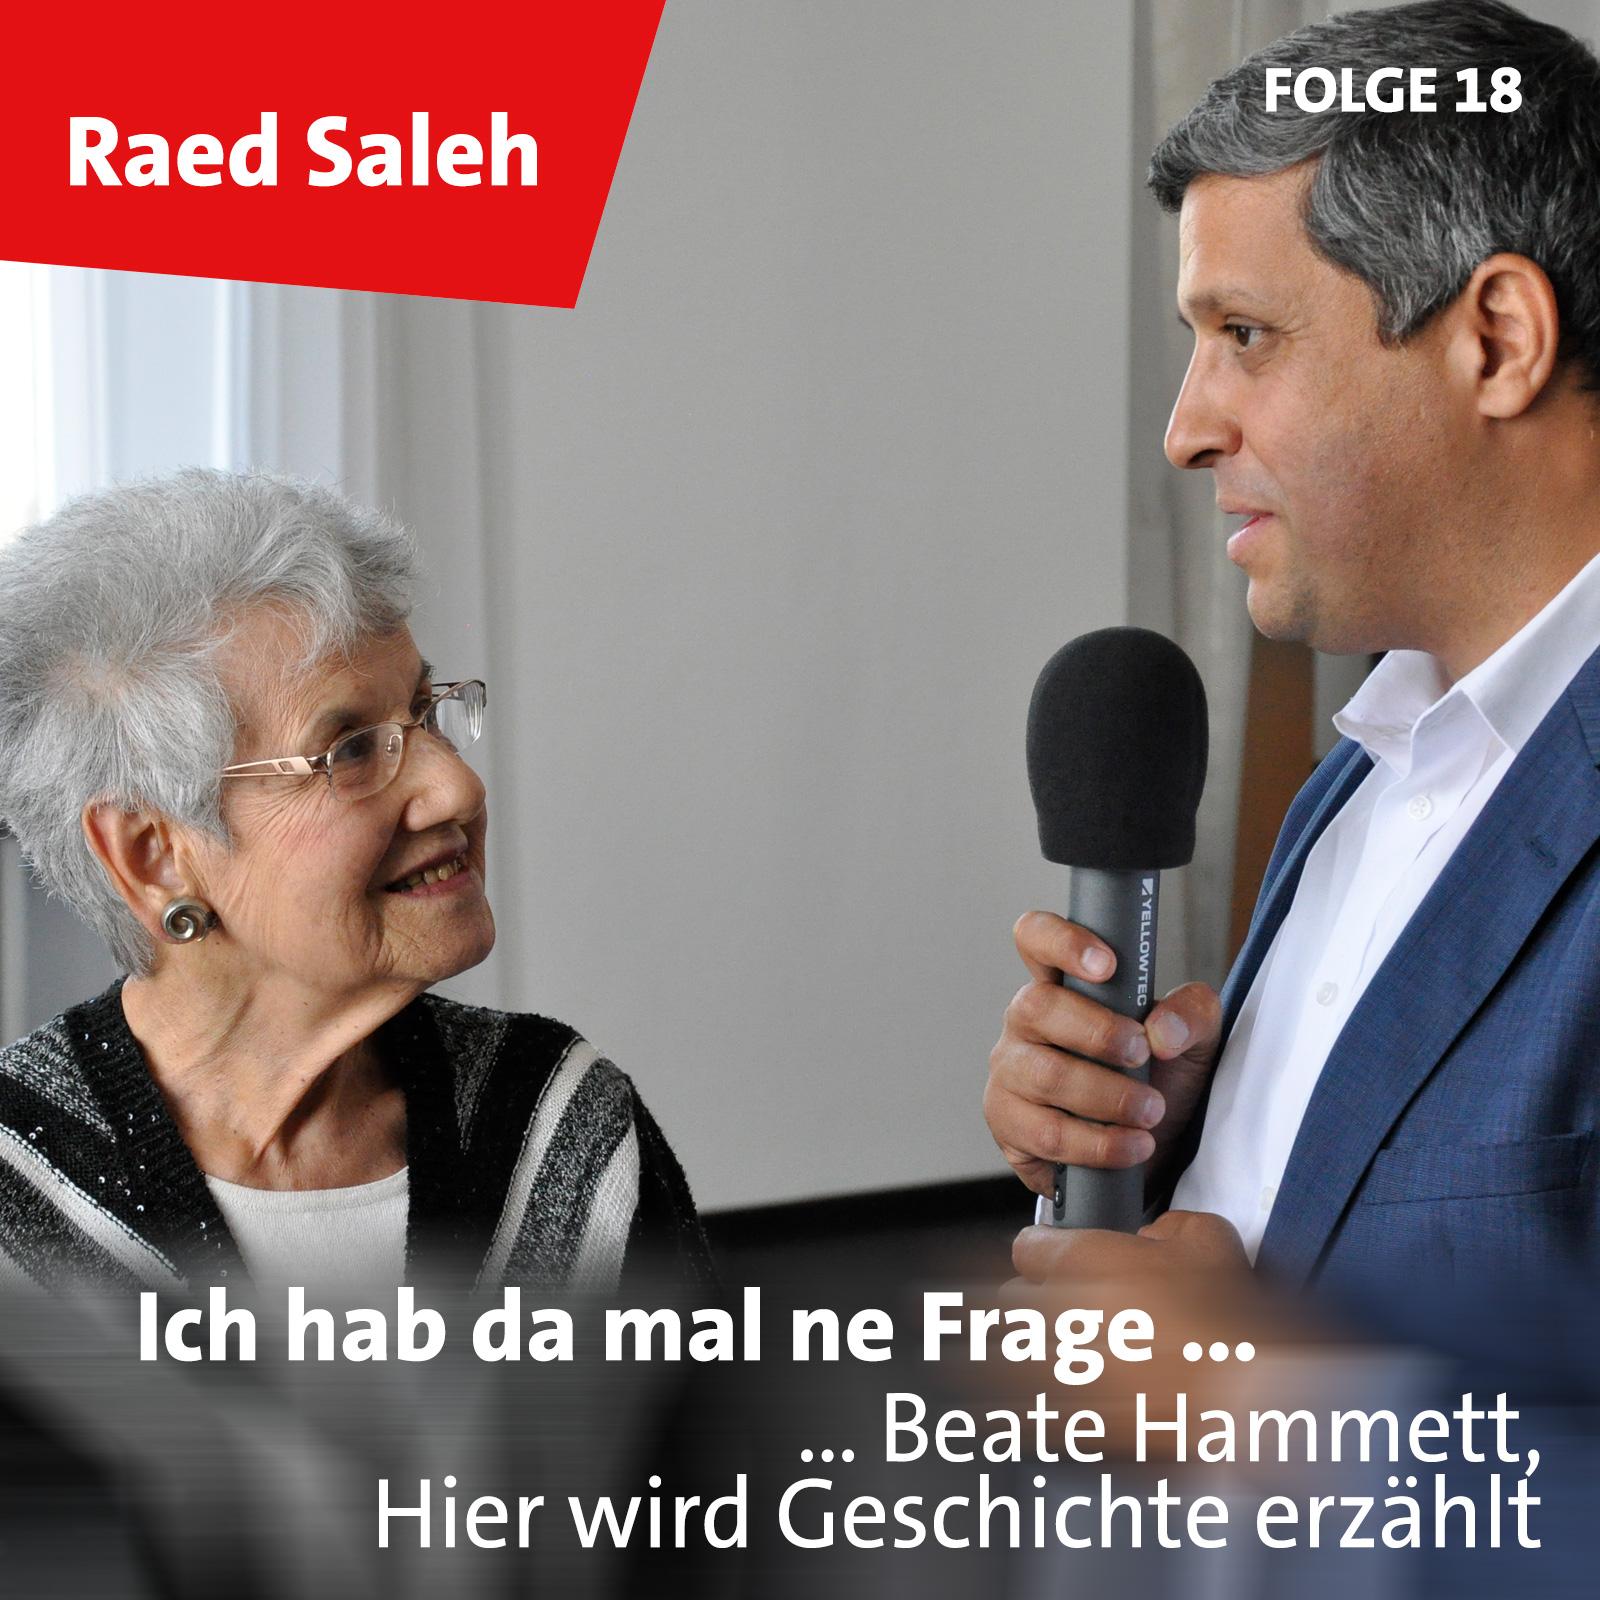 Folge 18: Beate Hammett